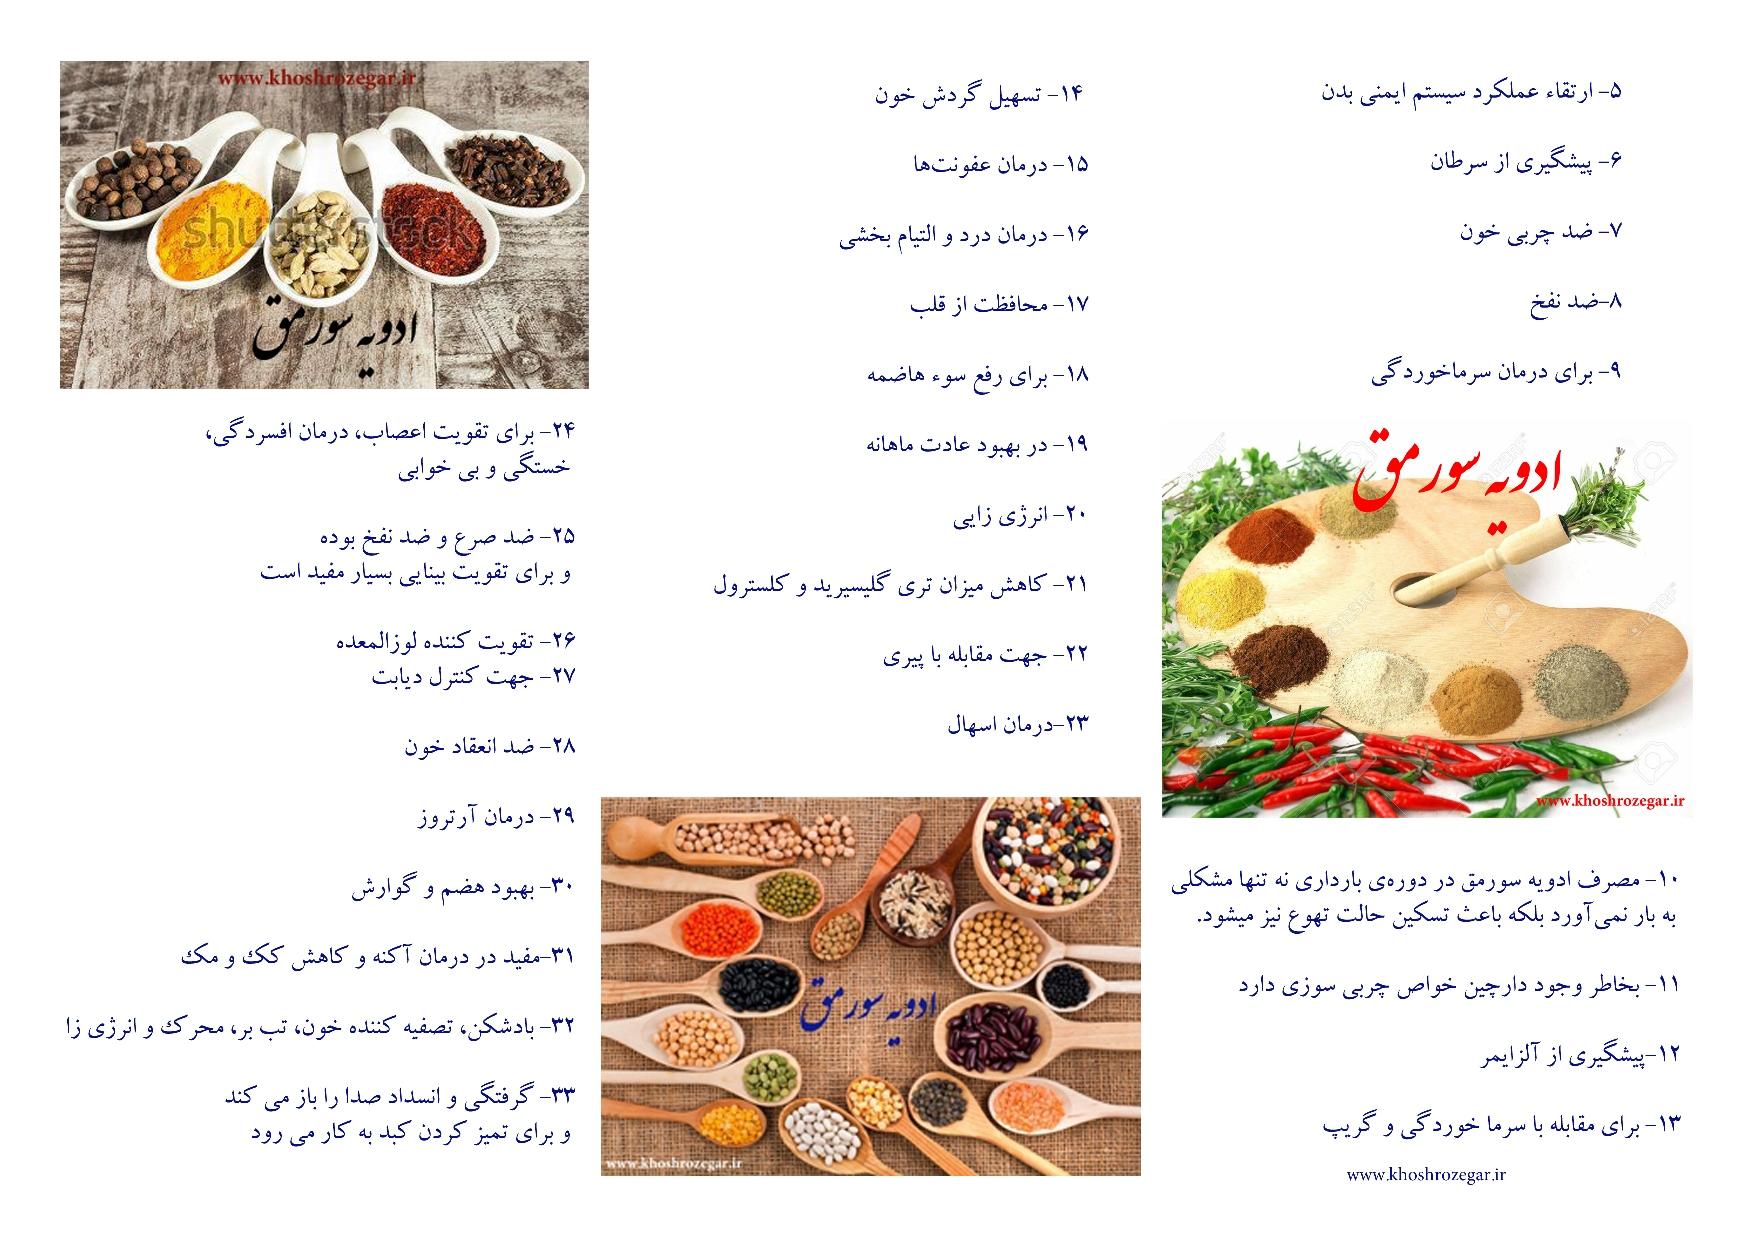 a2.. خواص درمانی و دارویی ادویه جات در طب سنتی ایران سورمق